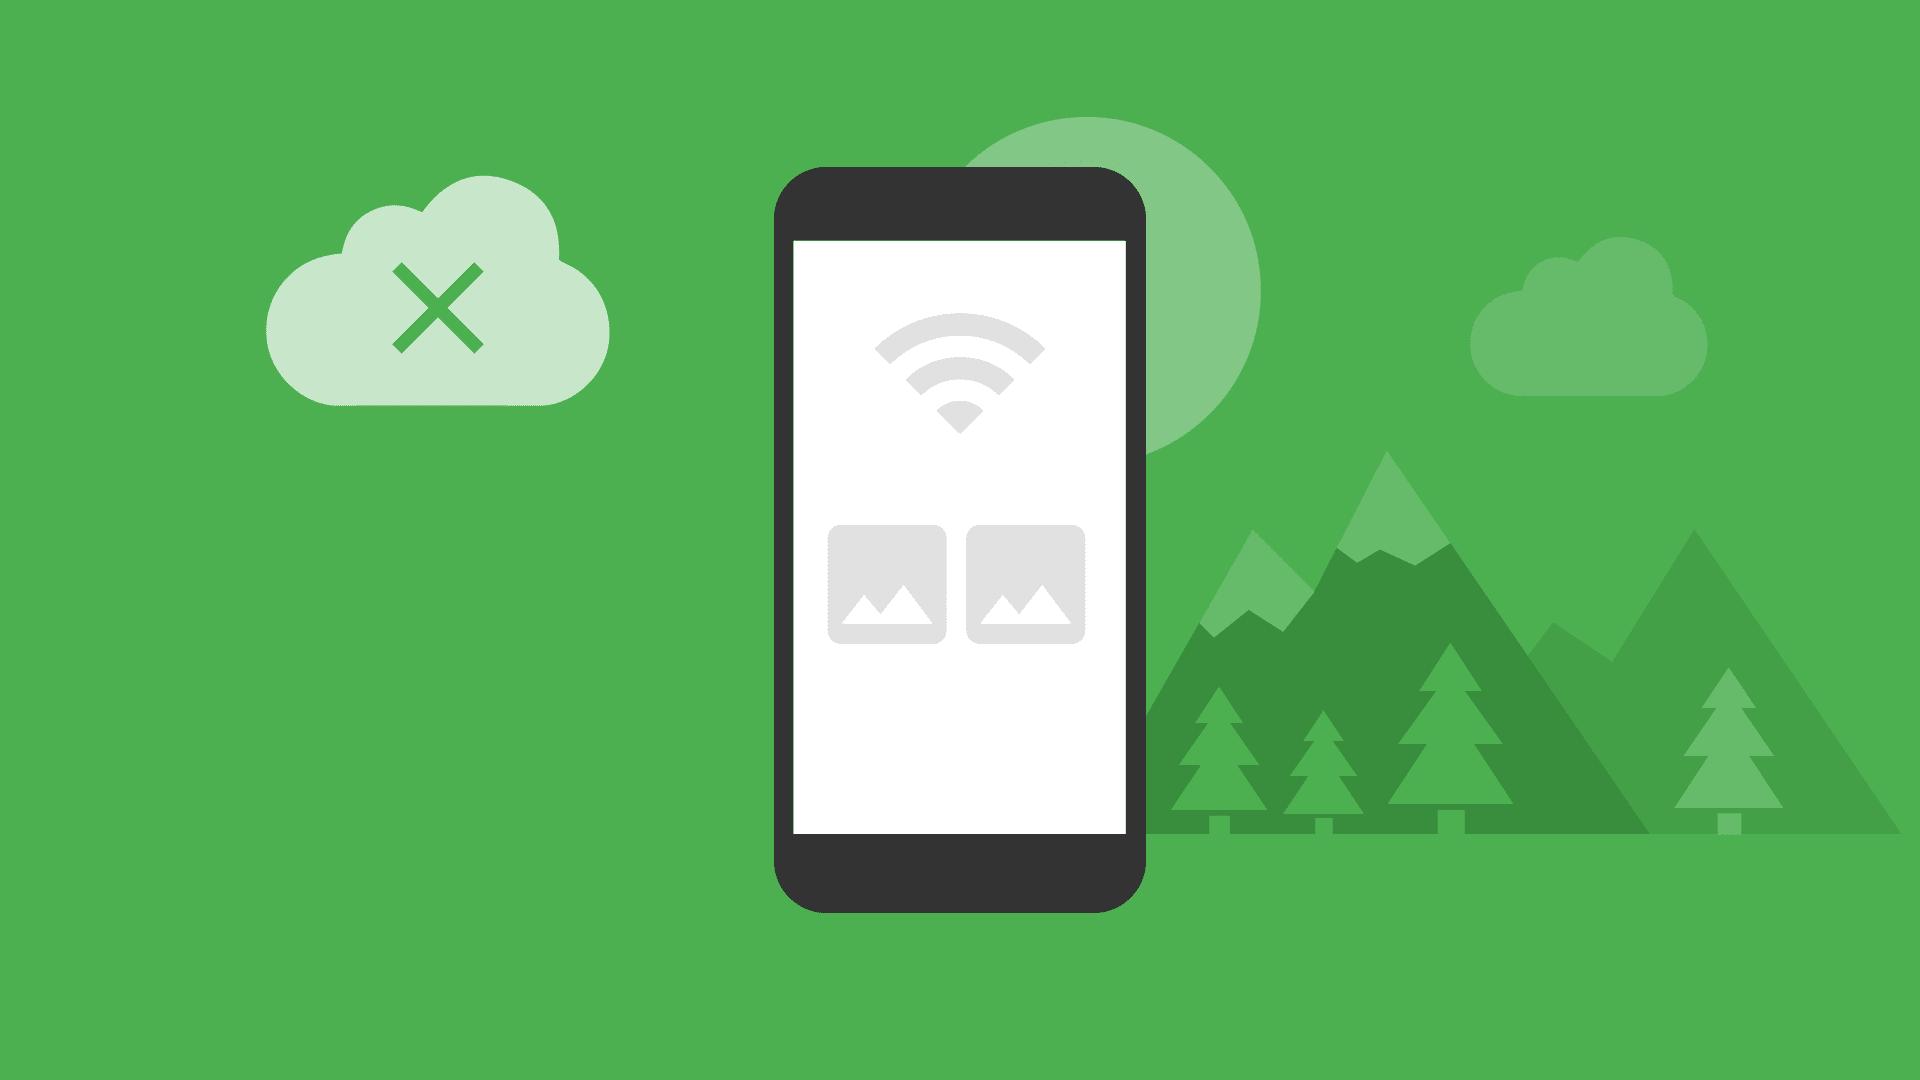 オフライン ステータスを示すスマートフォンの画面